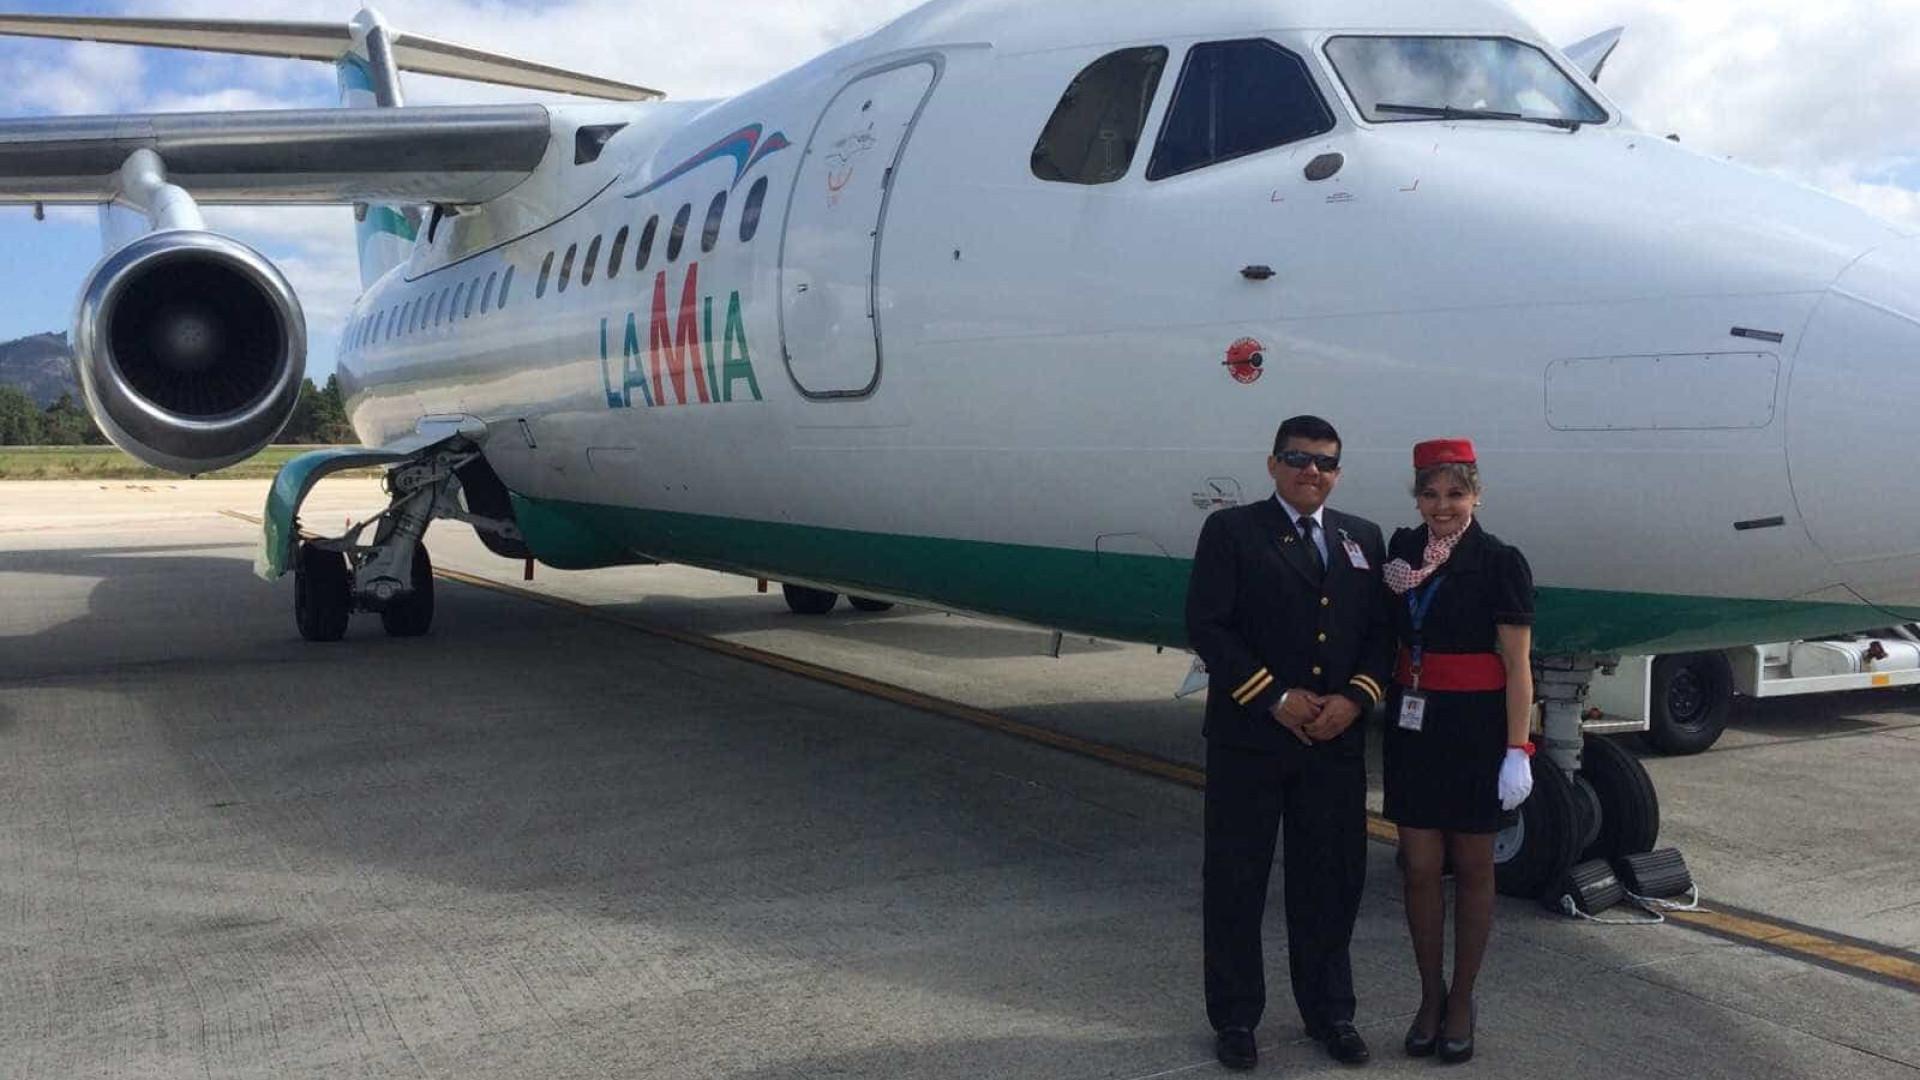 Companhia aérea LaMia só tinha 15 funcionários e um avião